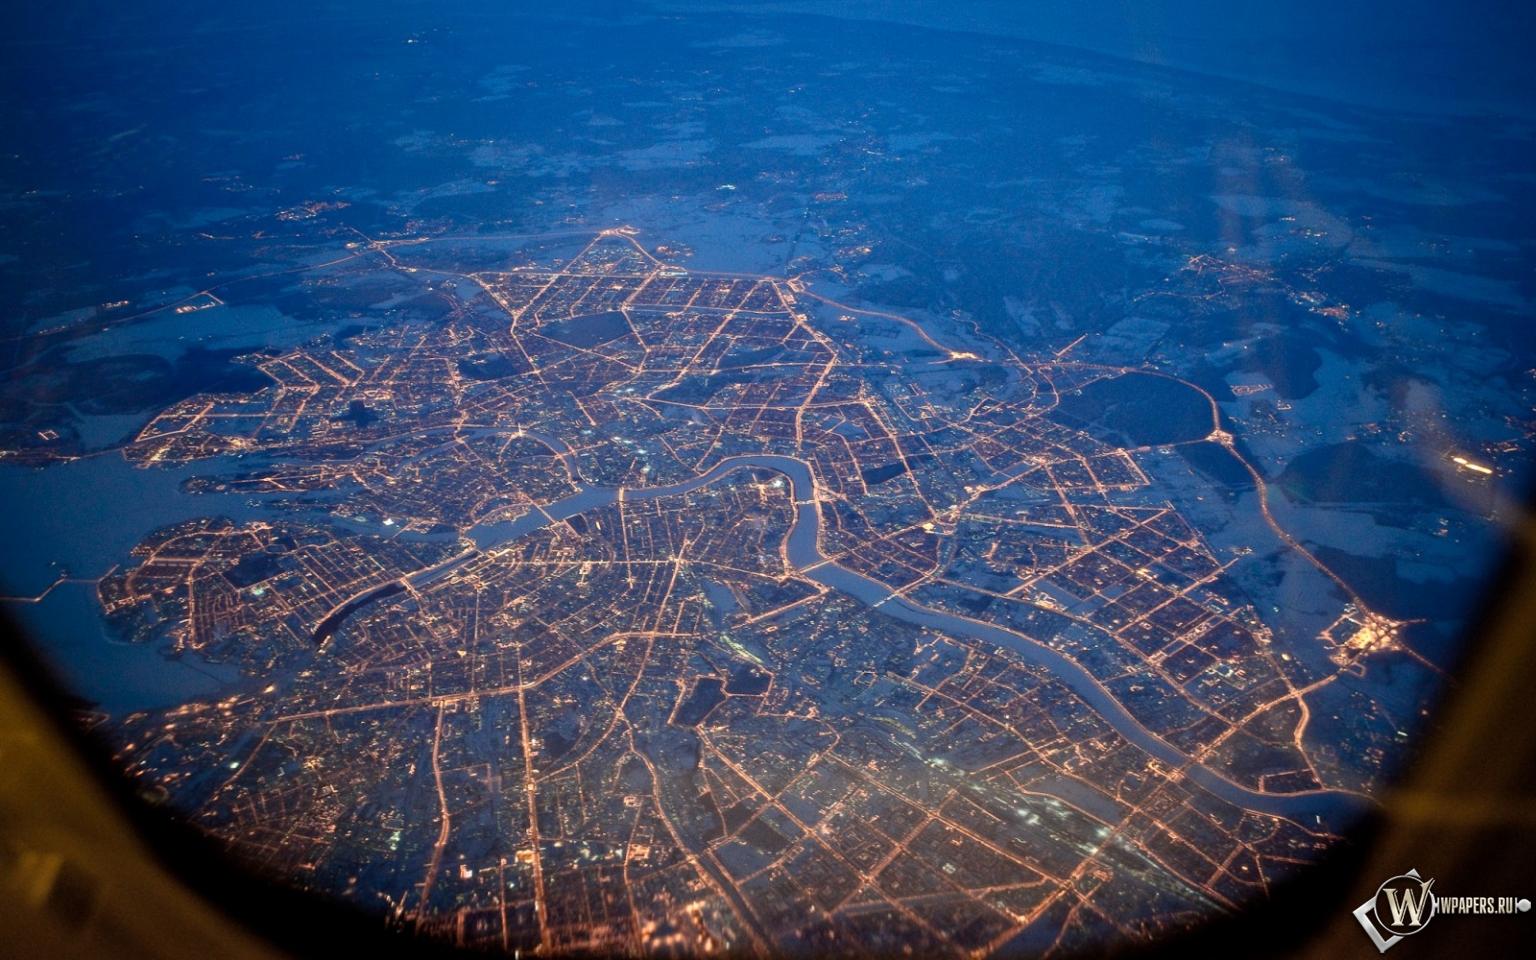 Питер из самолета ночью 1536x960